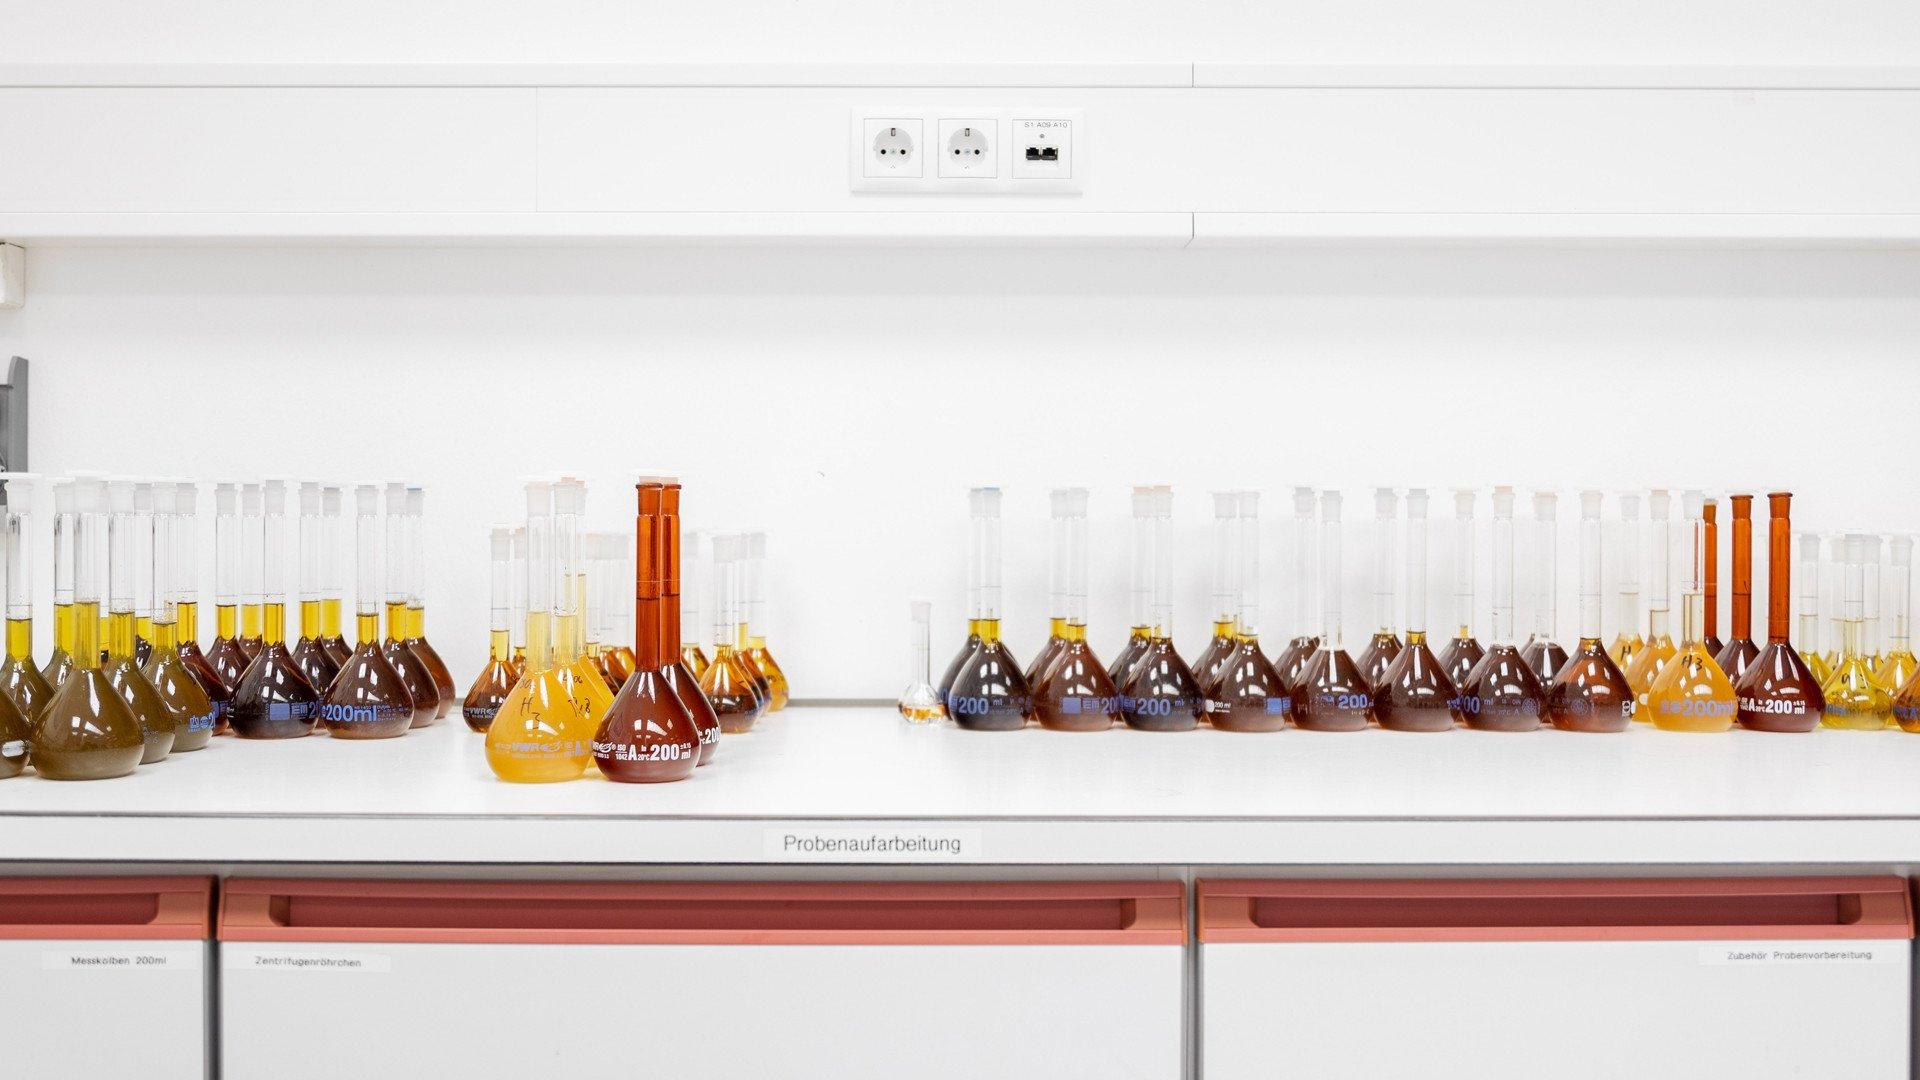 Nachhaltigkeit in der Produktentwicklung